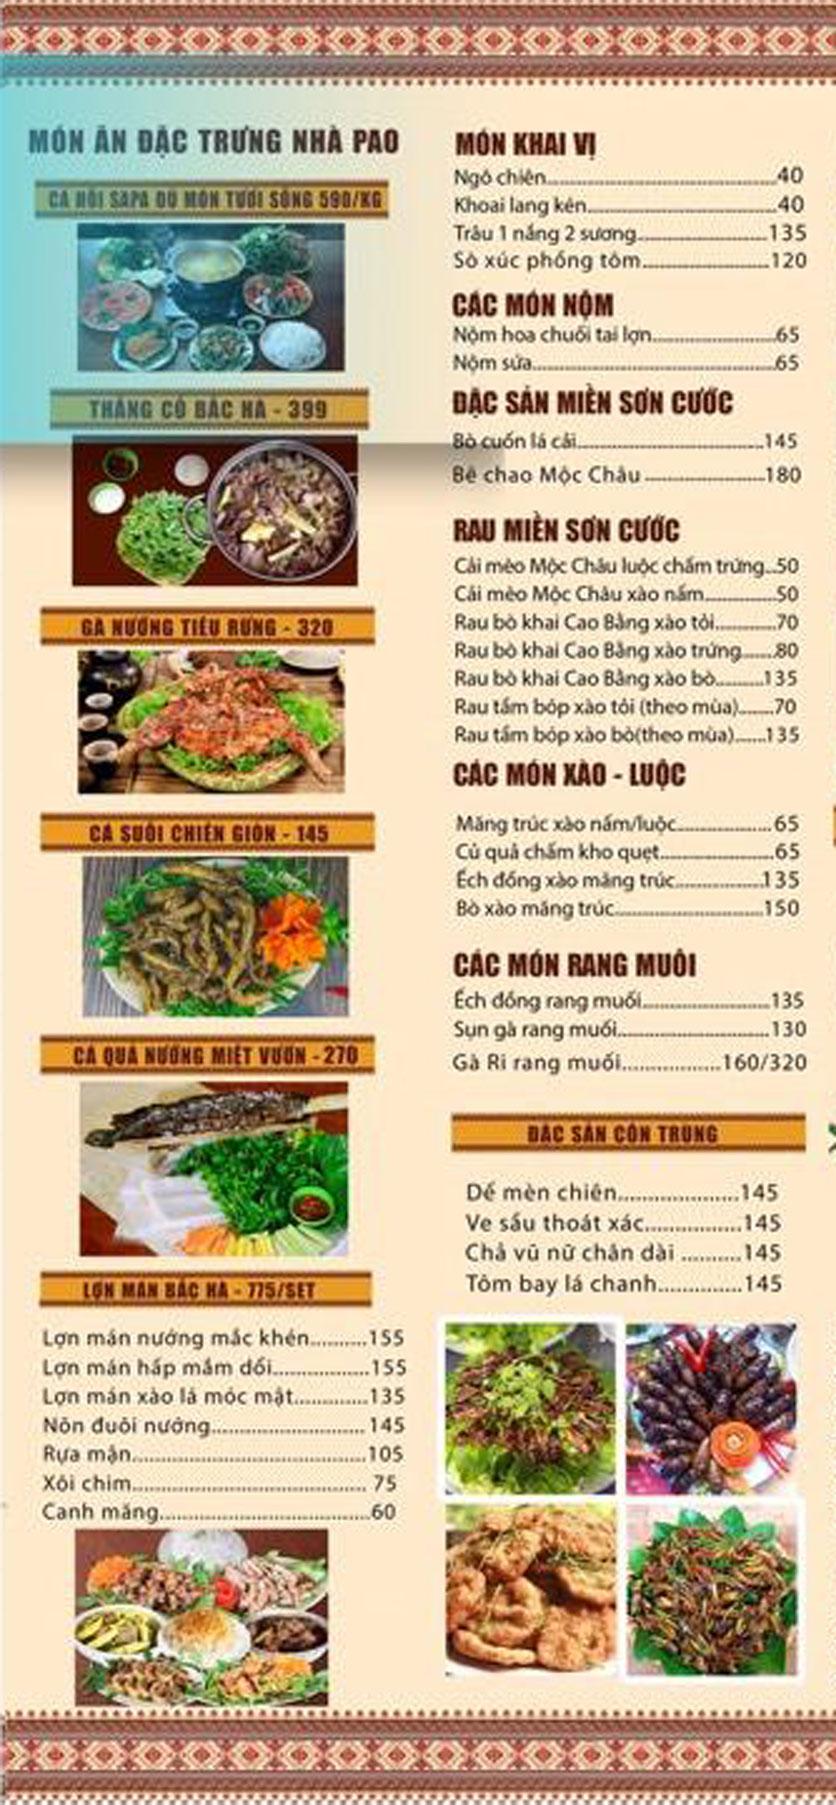 Menu Pao Quán - Hà Đông  1